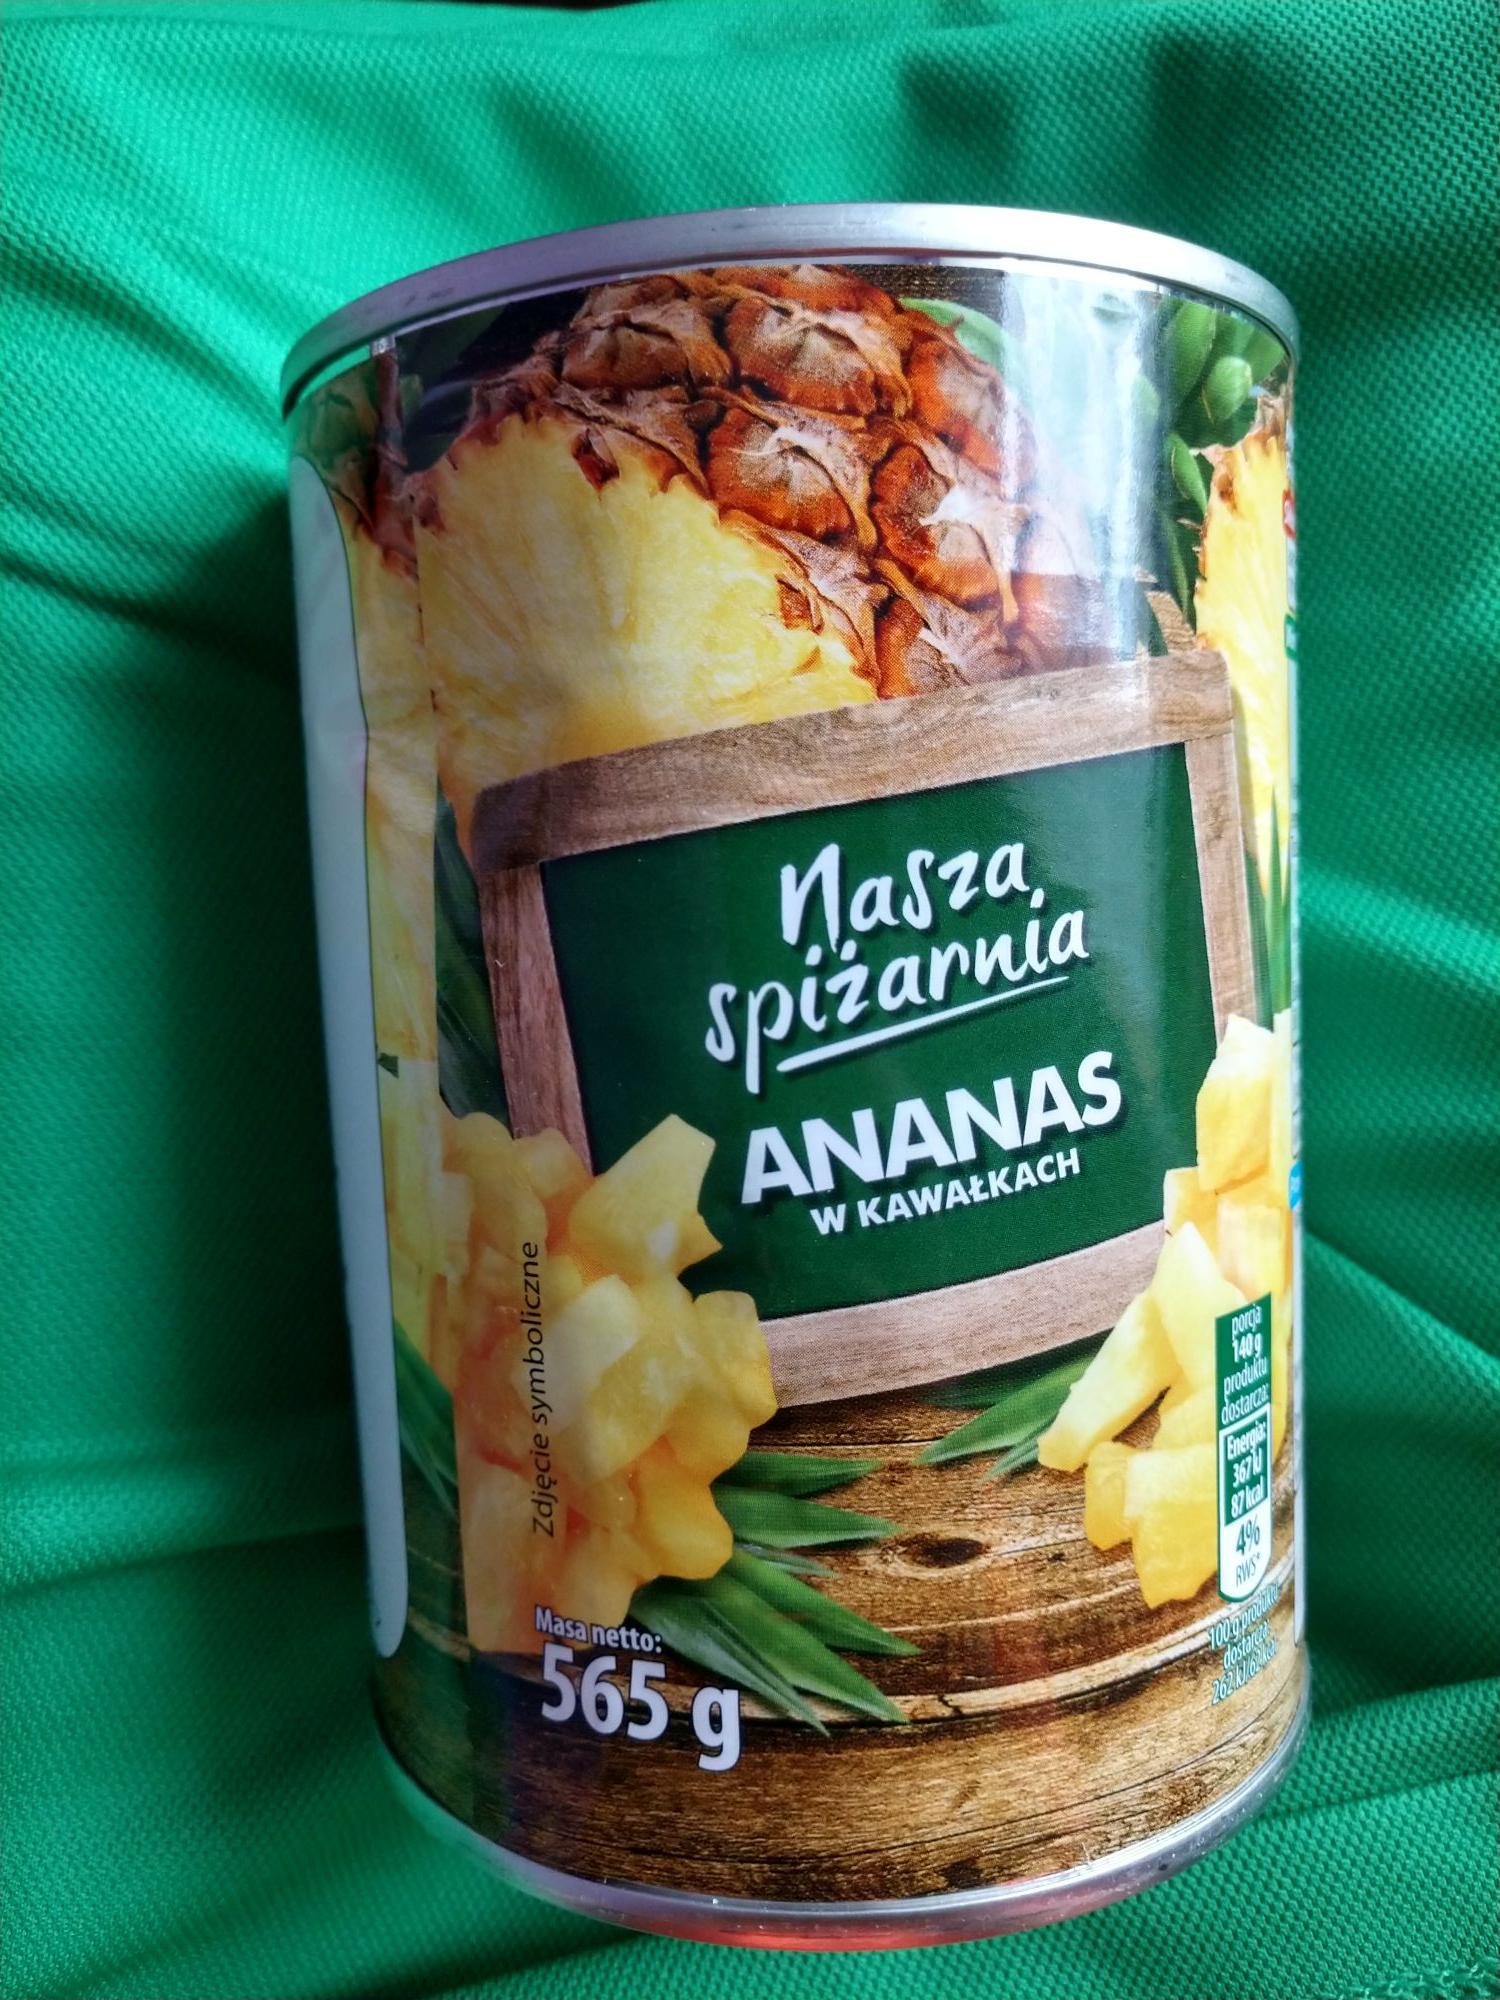 Ananas w kawałkach Biedronka Toruń, ul. Dziewulskiego 43